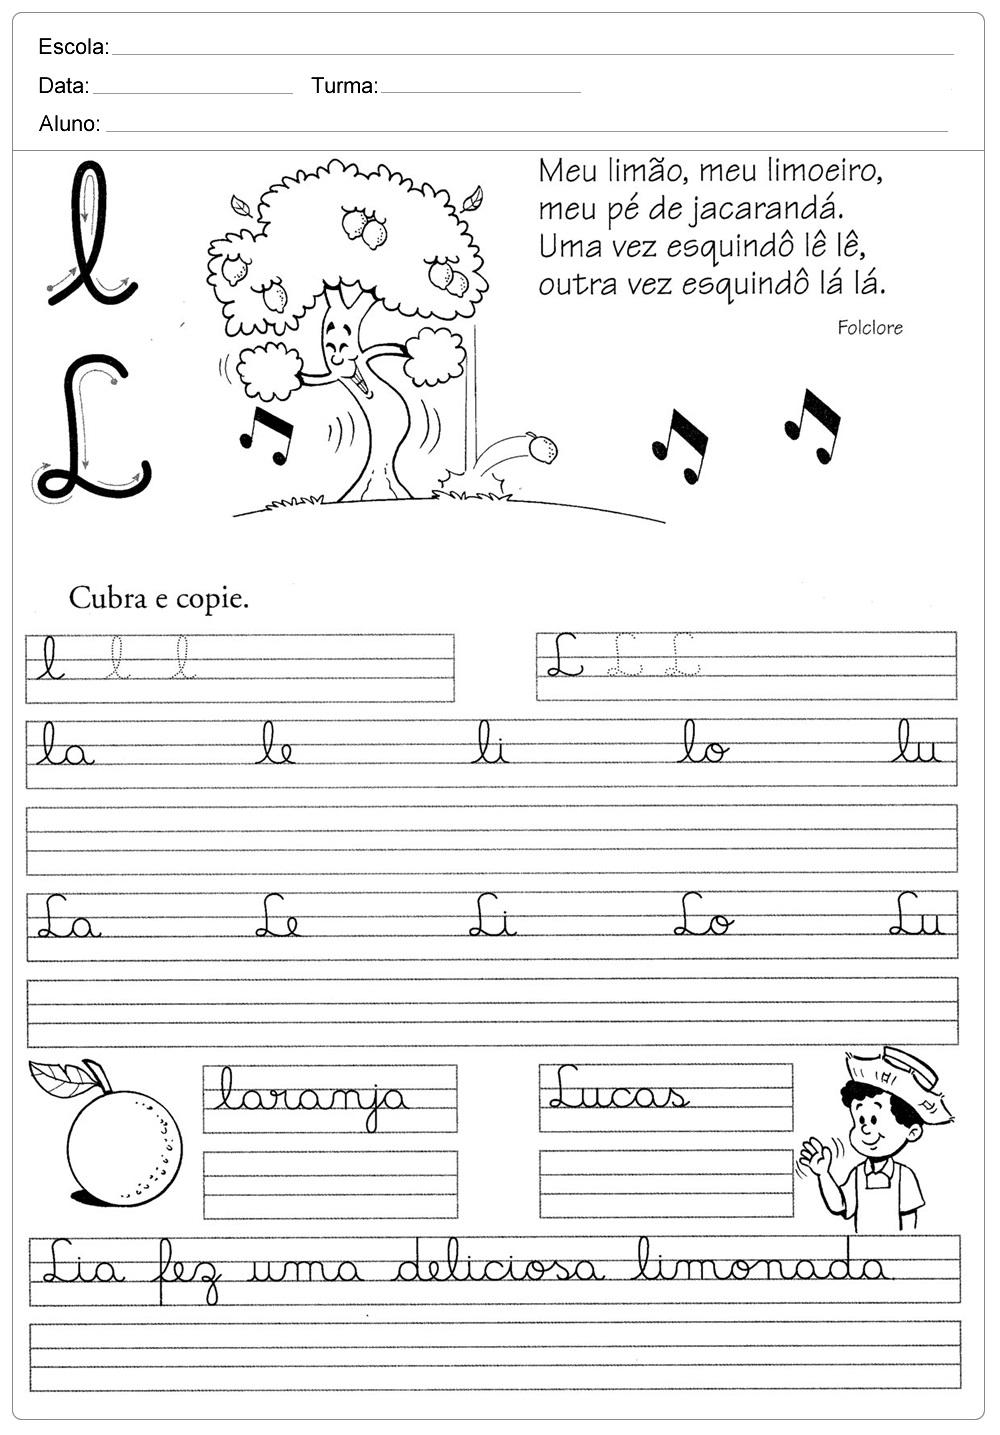 atividade-de-caligrafia-letra-L